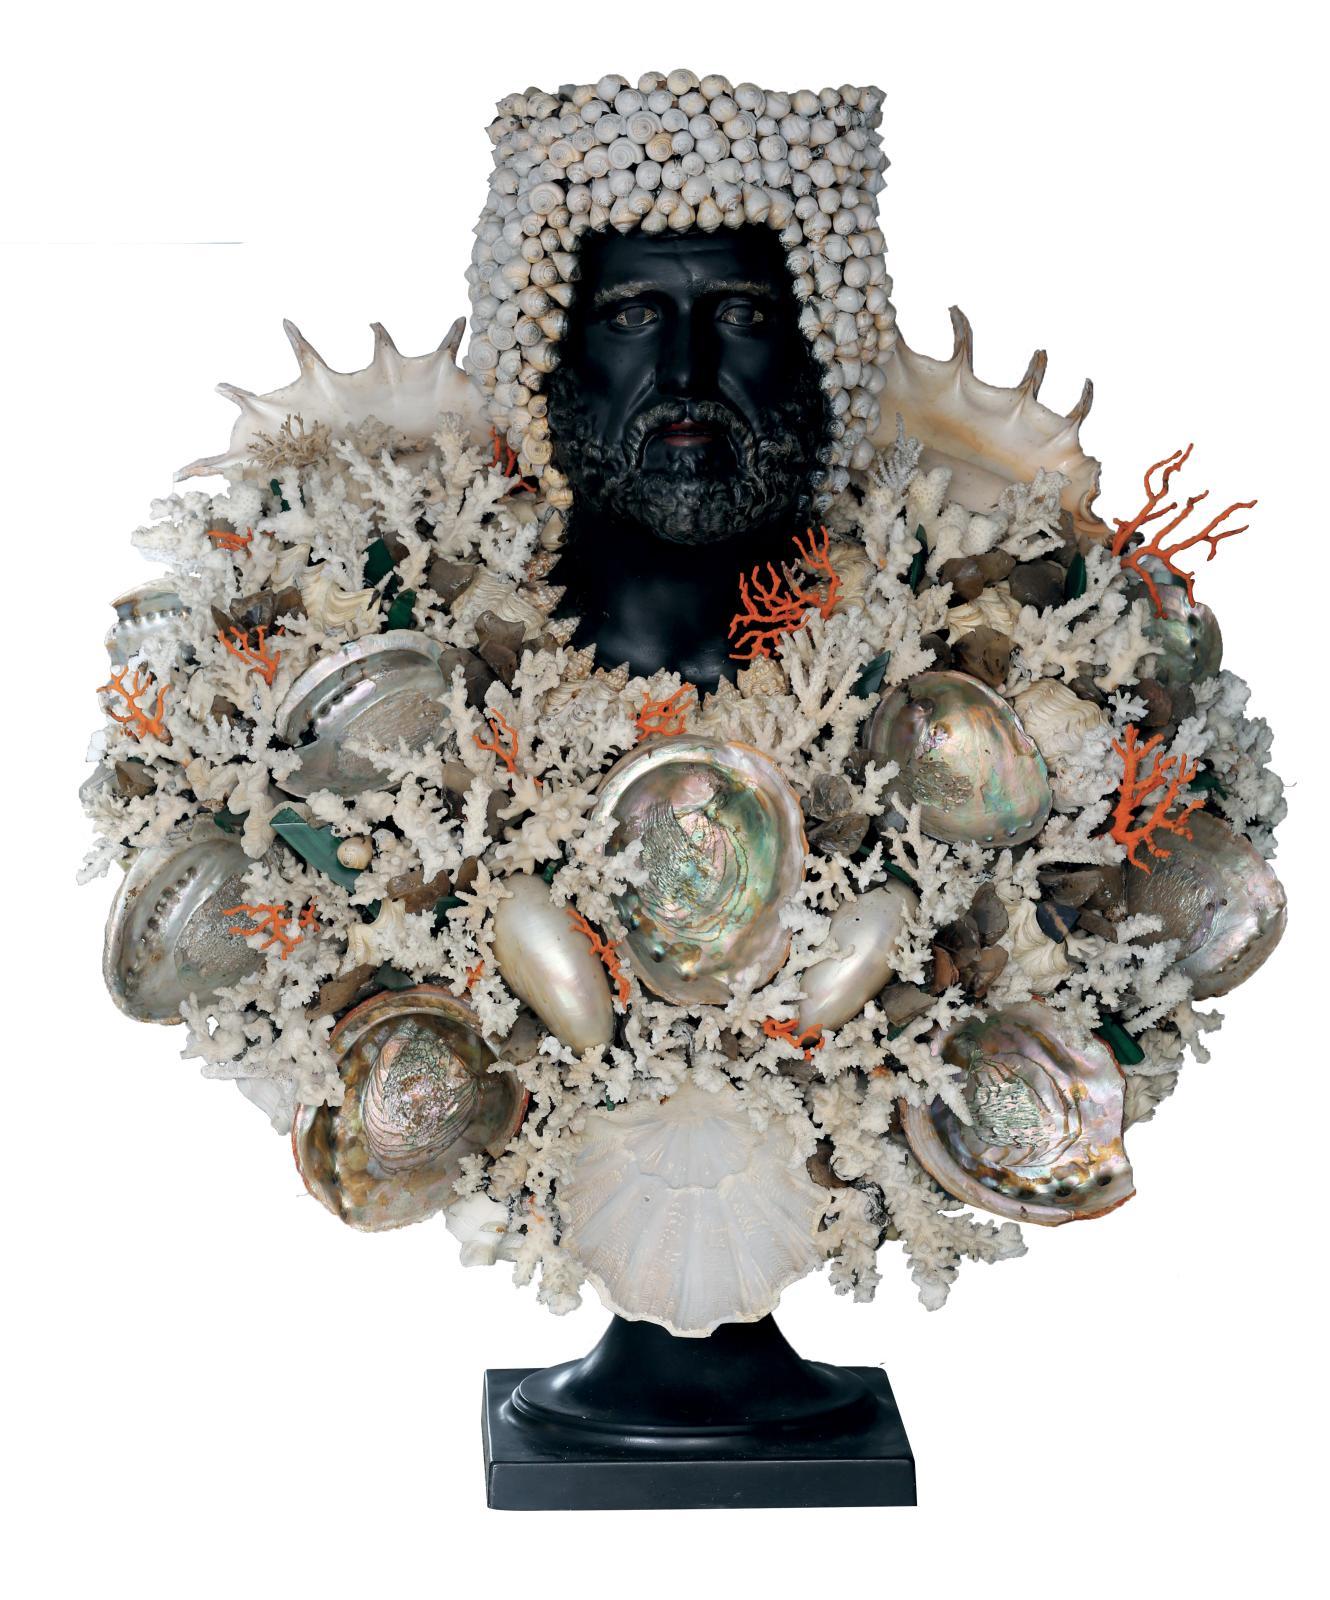 16380€Italie, XXesiècle, buste du dieu Poséidon, carton martelé, bois noirci, décor collé de coquillages, coraux et cristaux, 100x75cm.Cannes, s